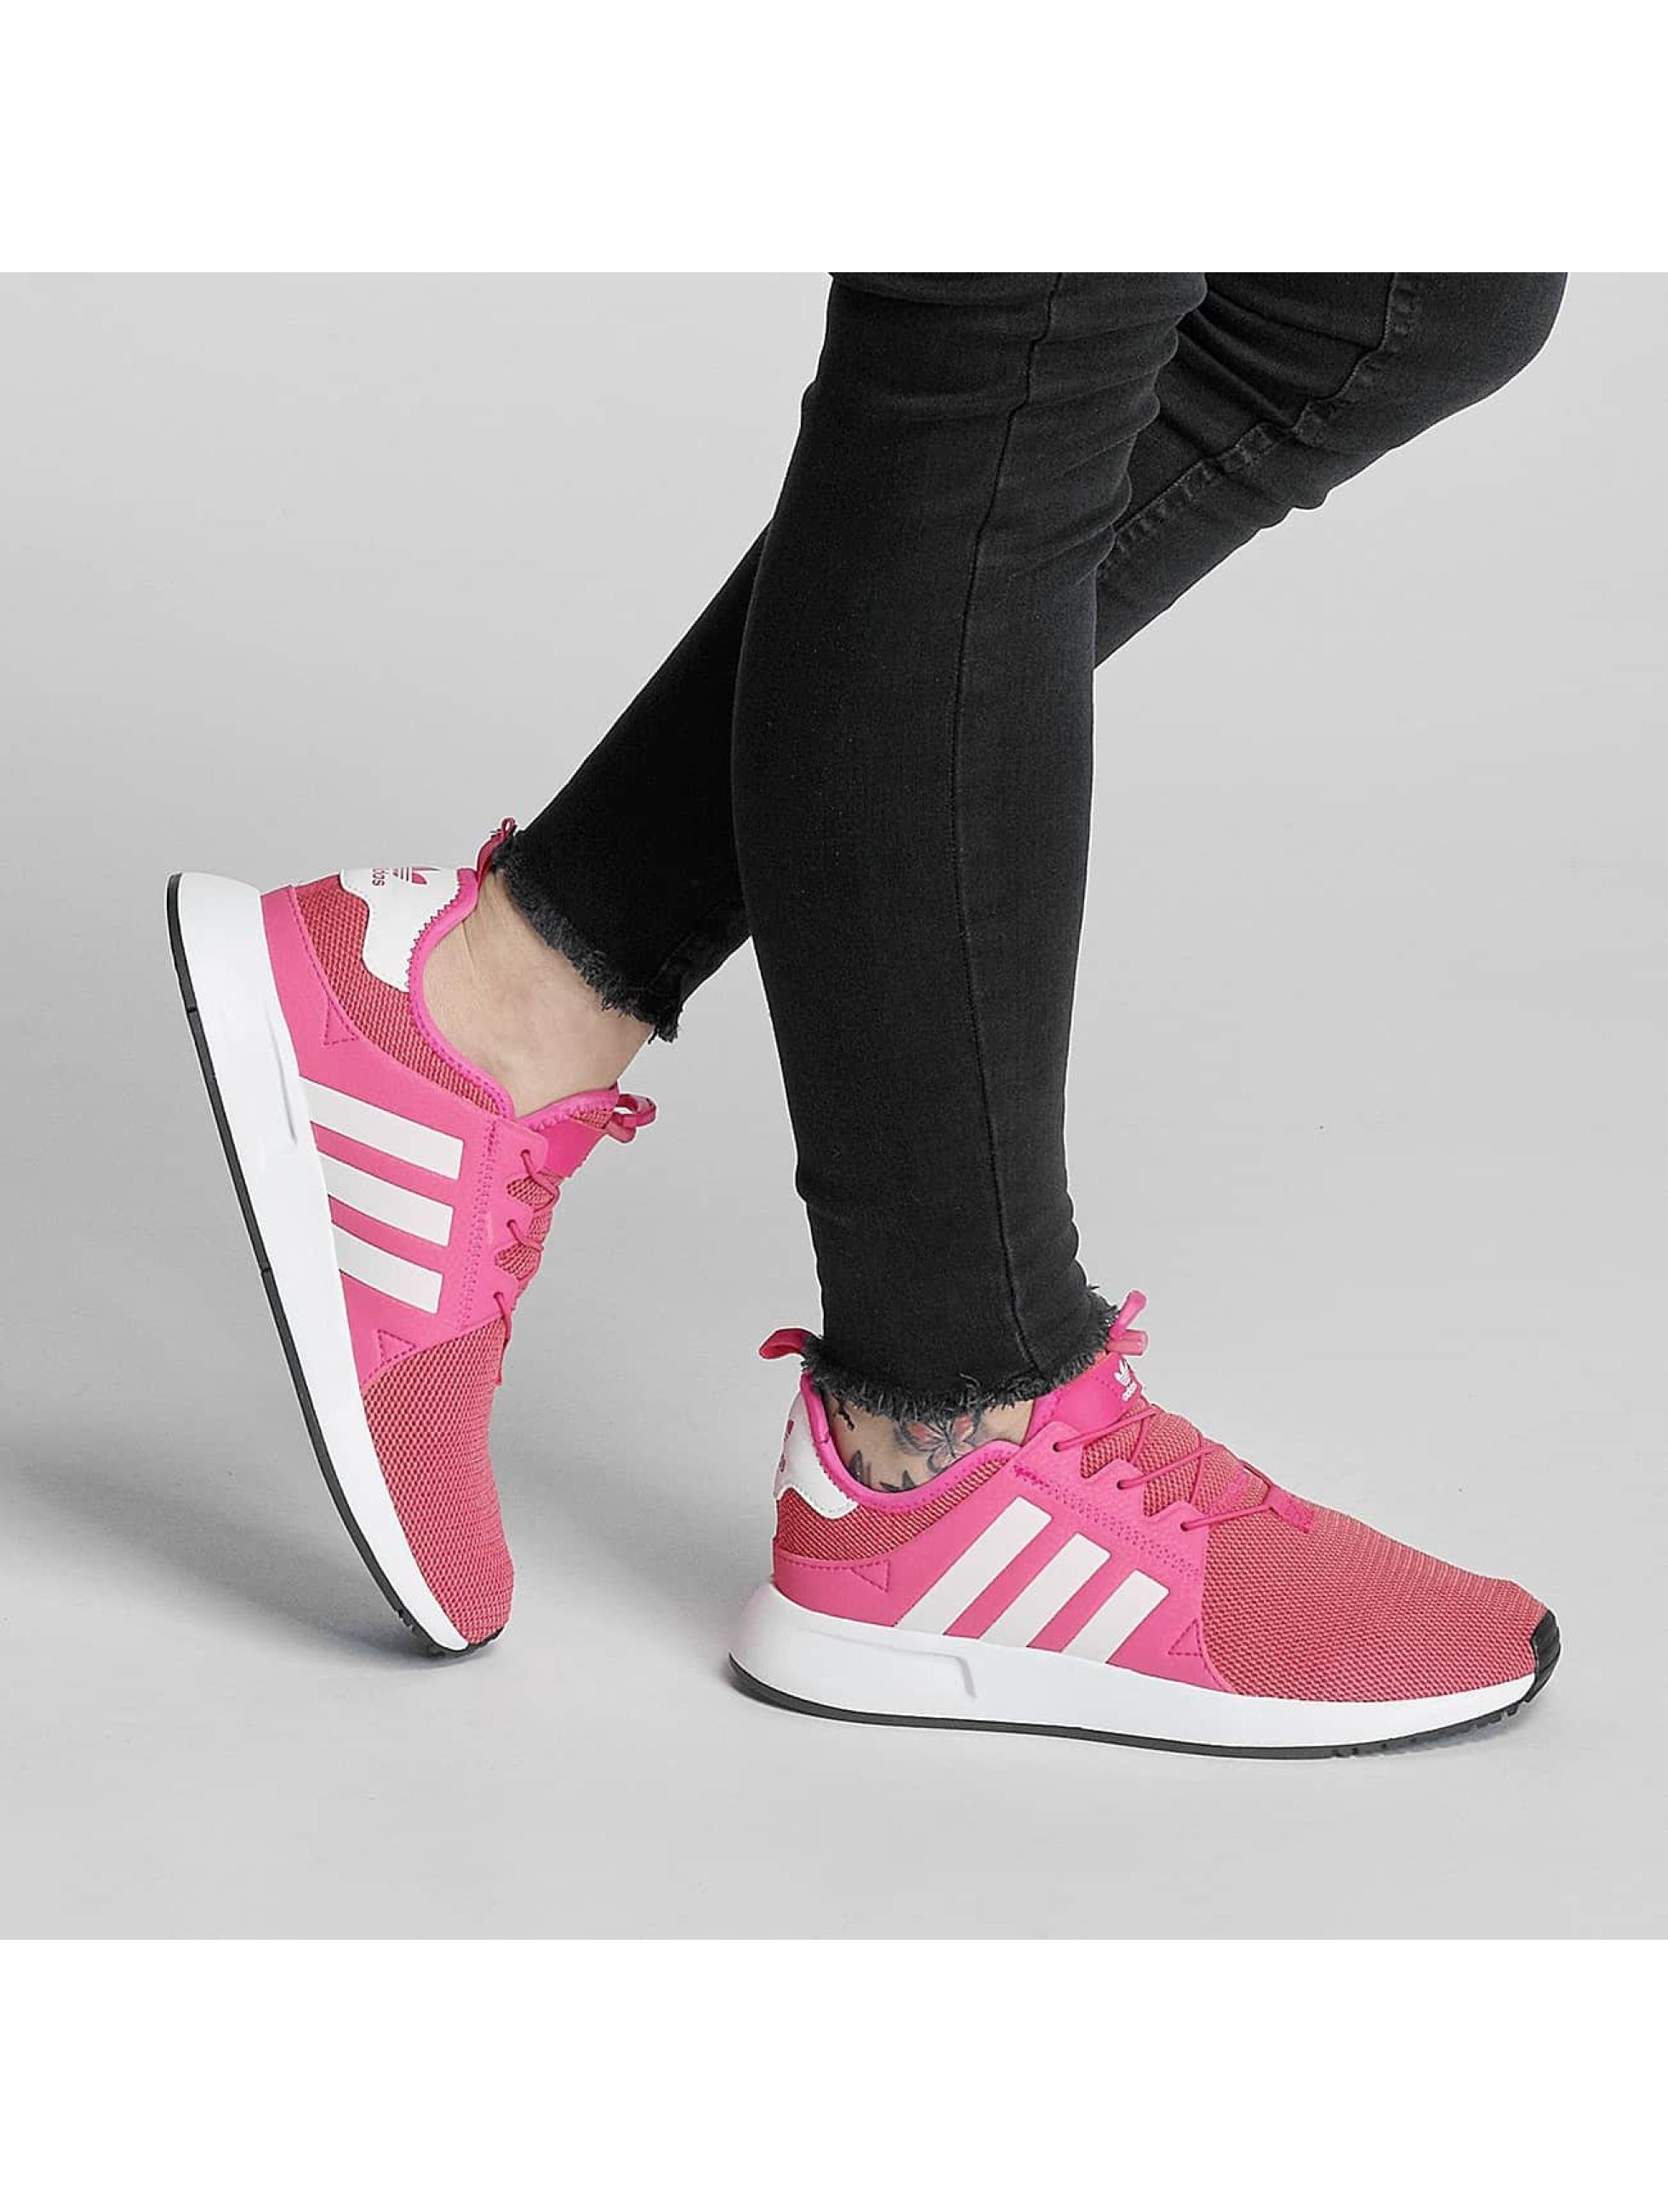 adidas Frauen Sneaker X_PLR J in pink